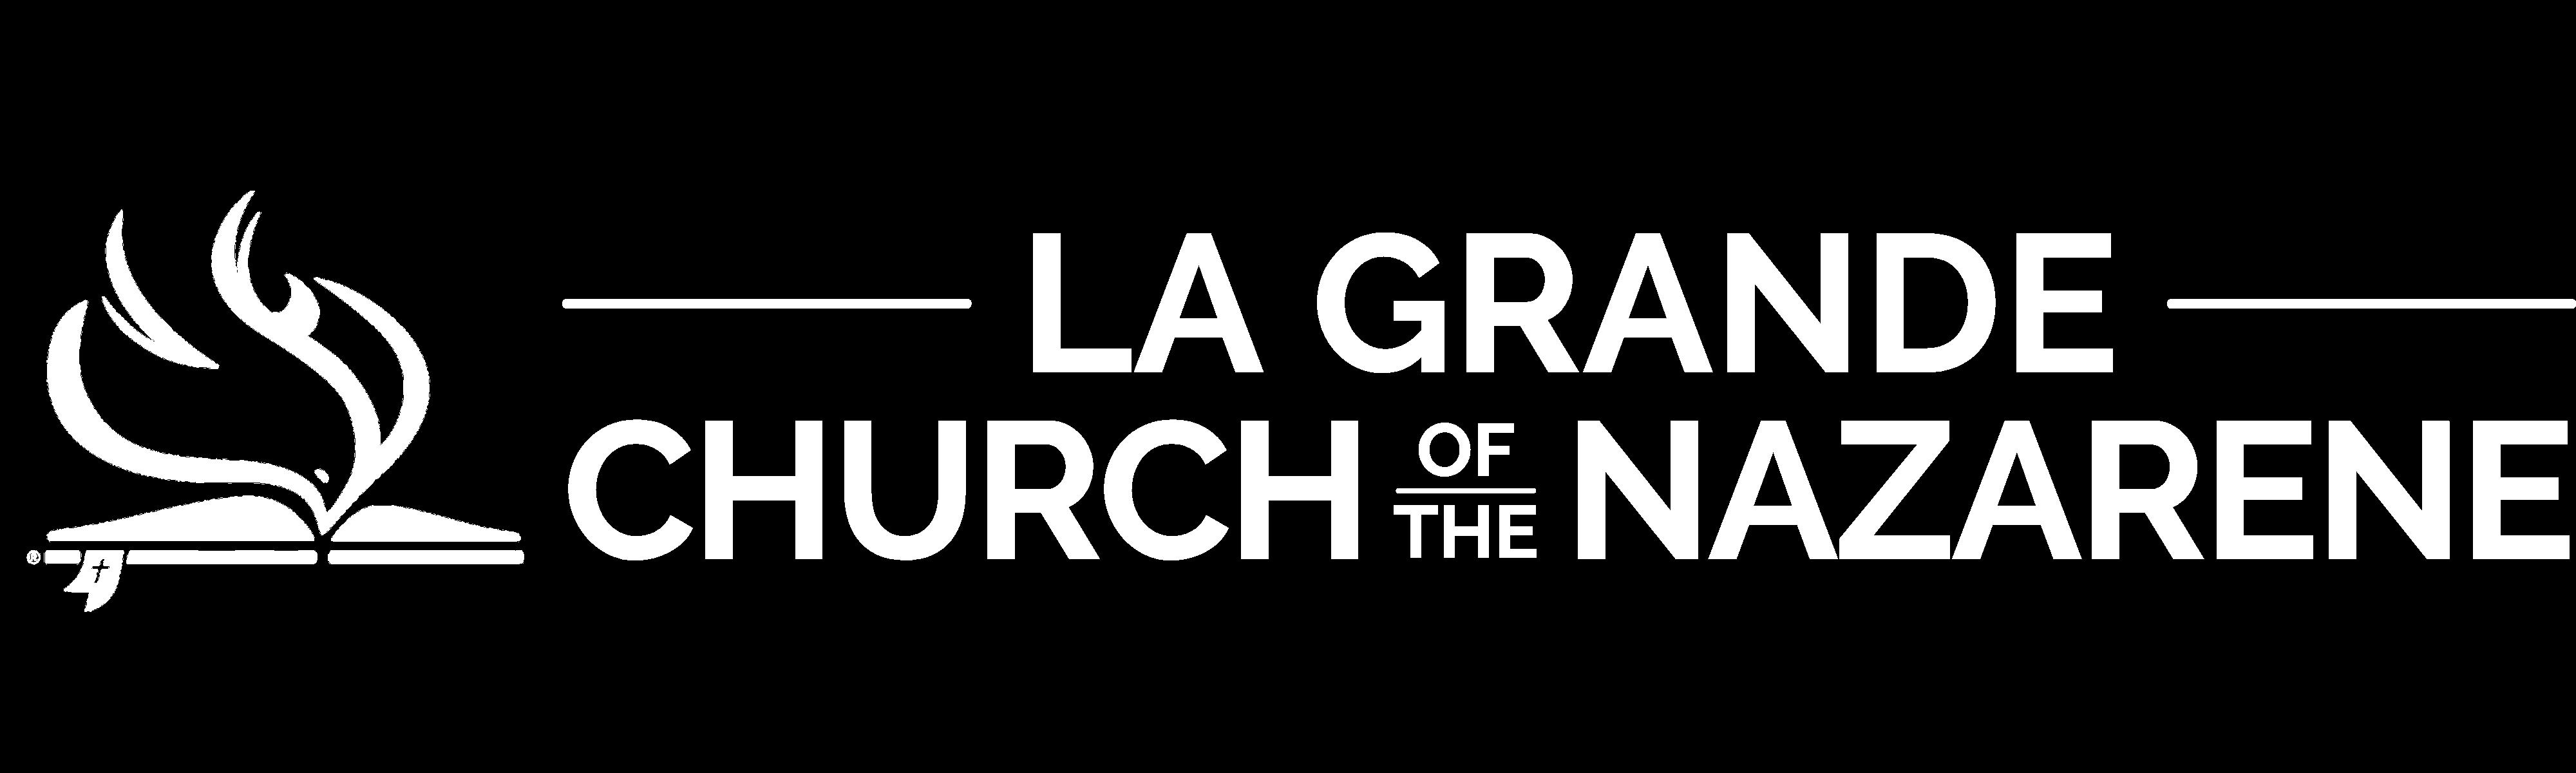 La Grande Church of the Nazarene